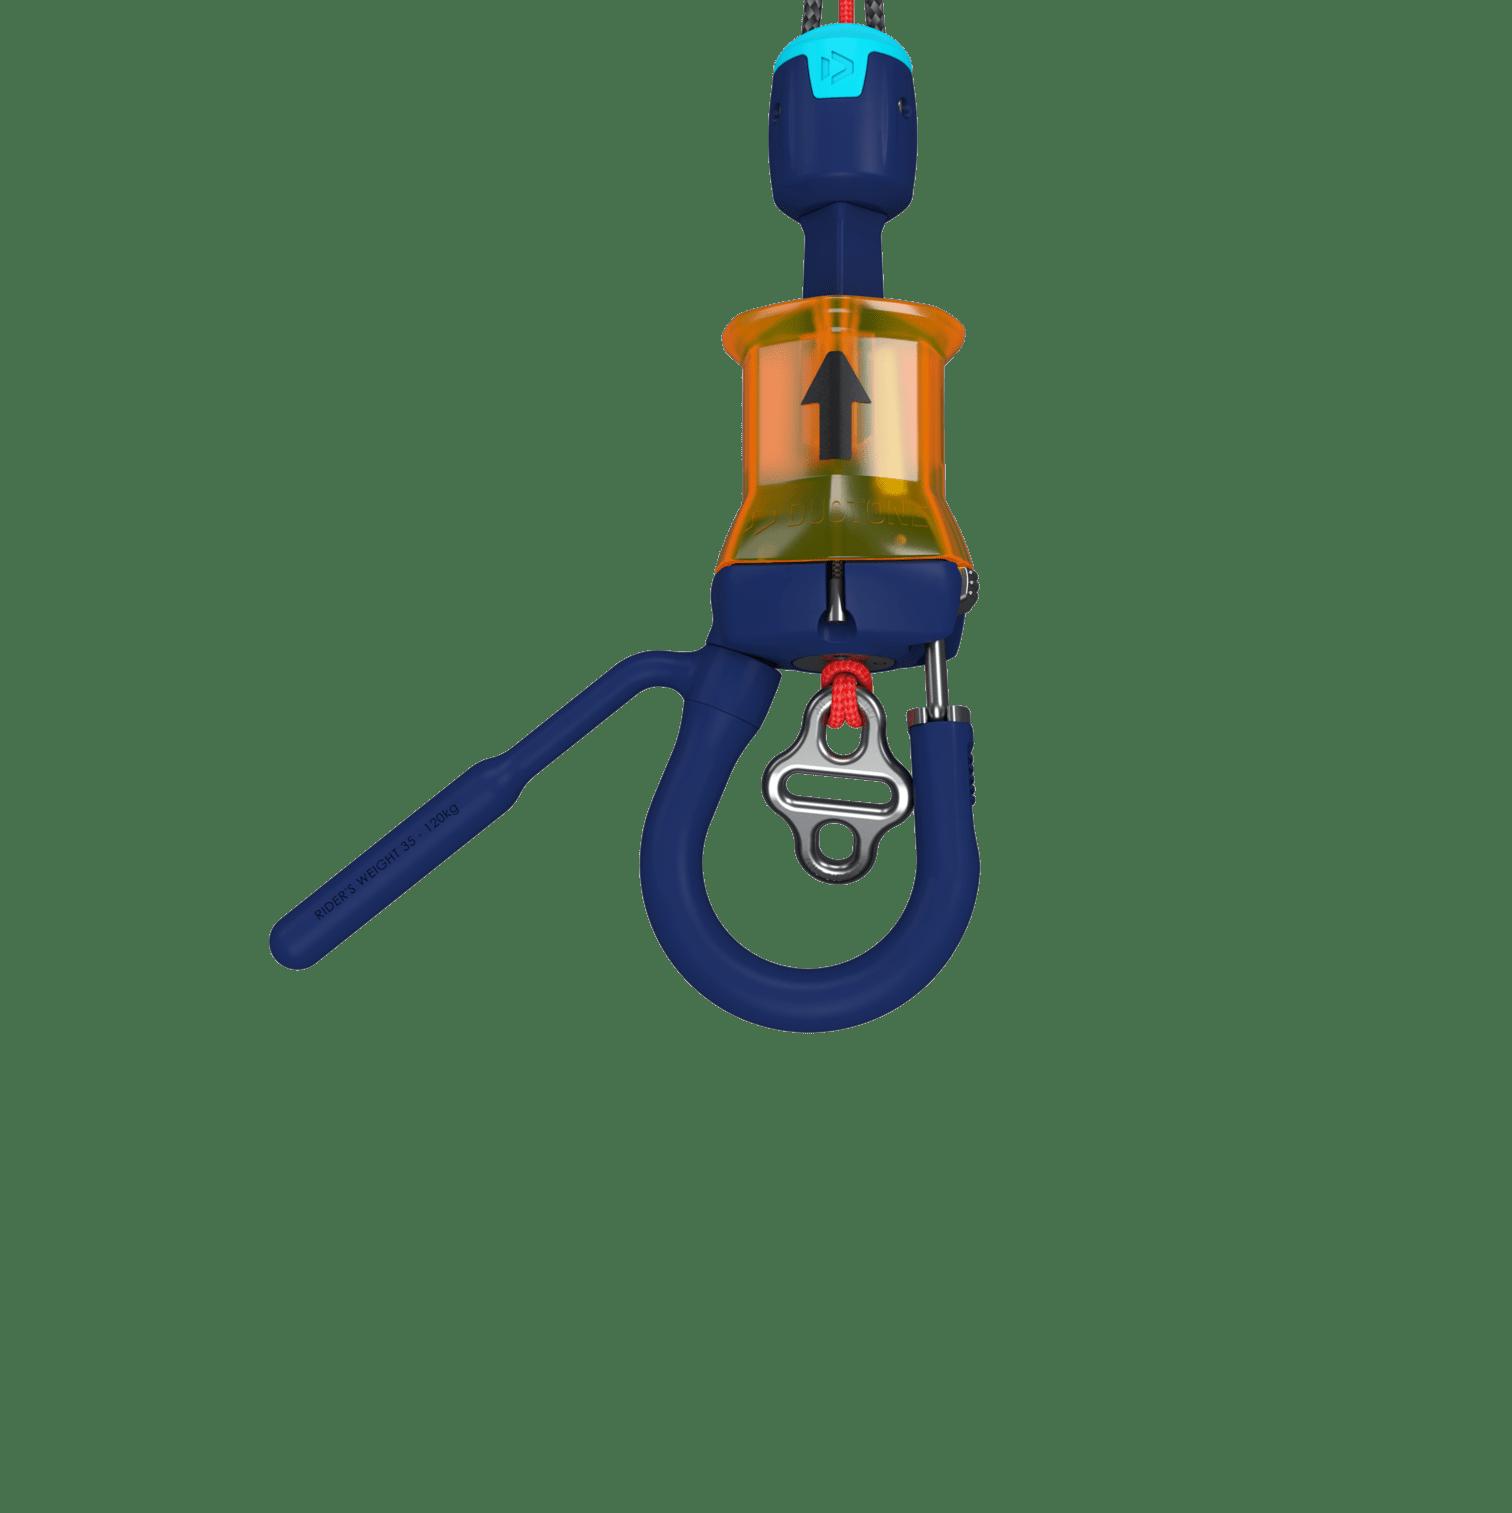 duotone_Freeride_Kit_chicken_loop_2019_l